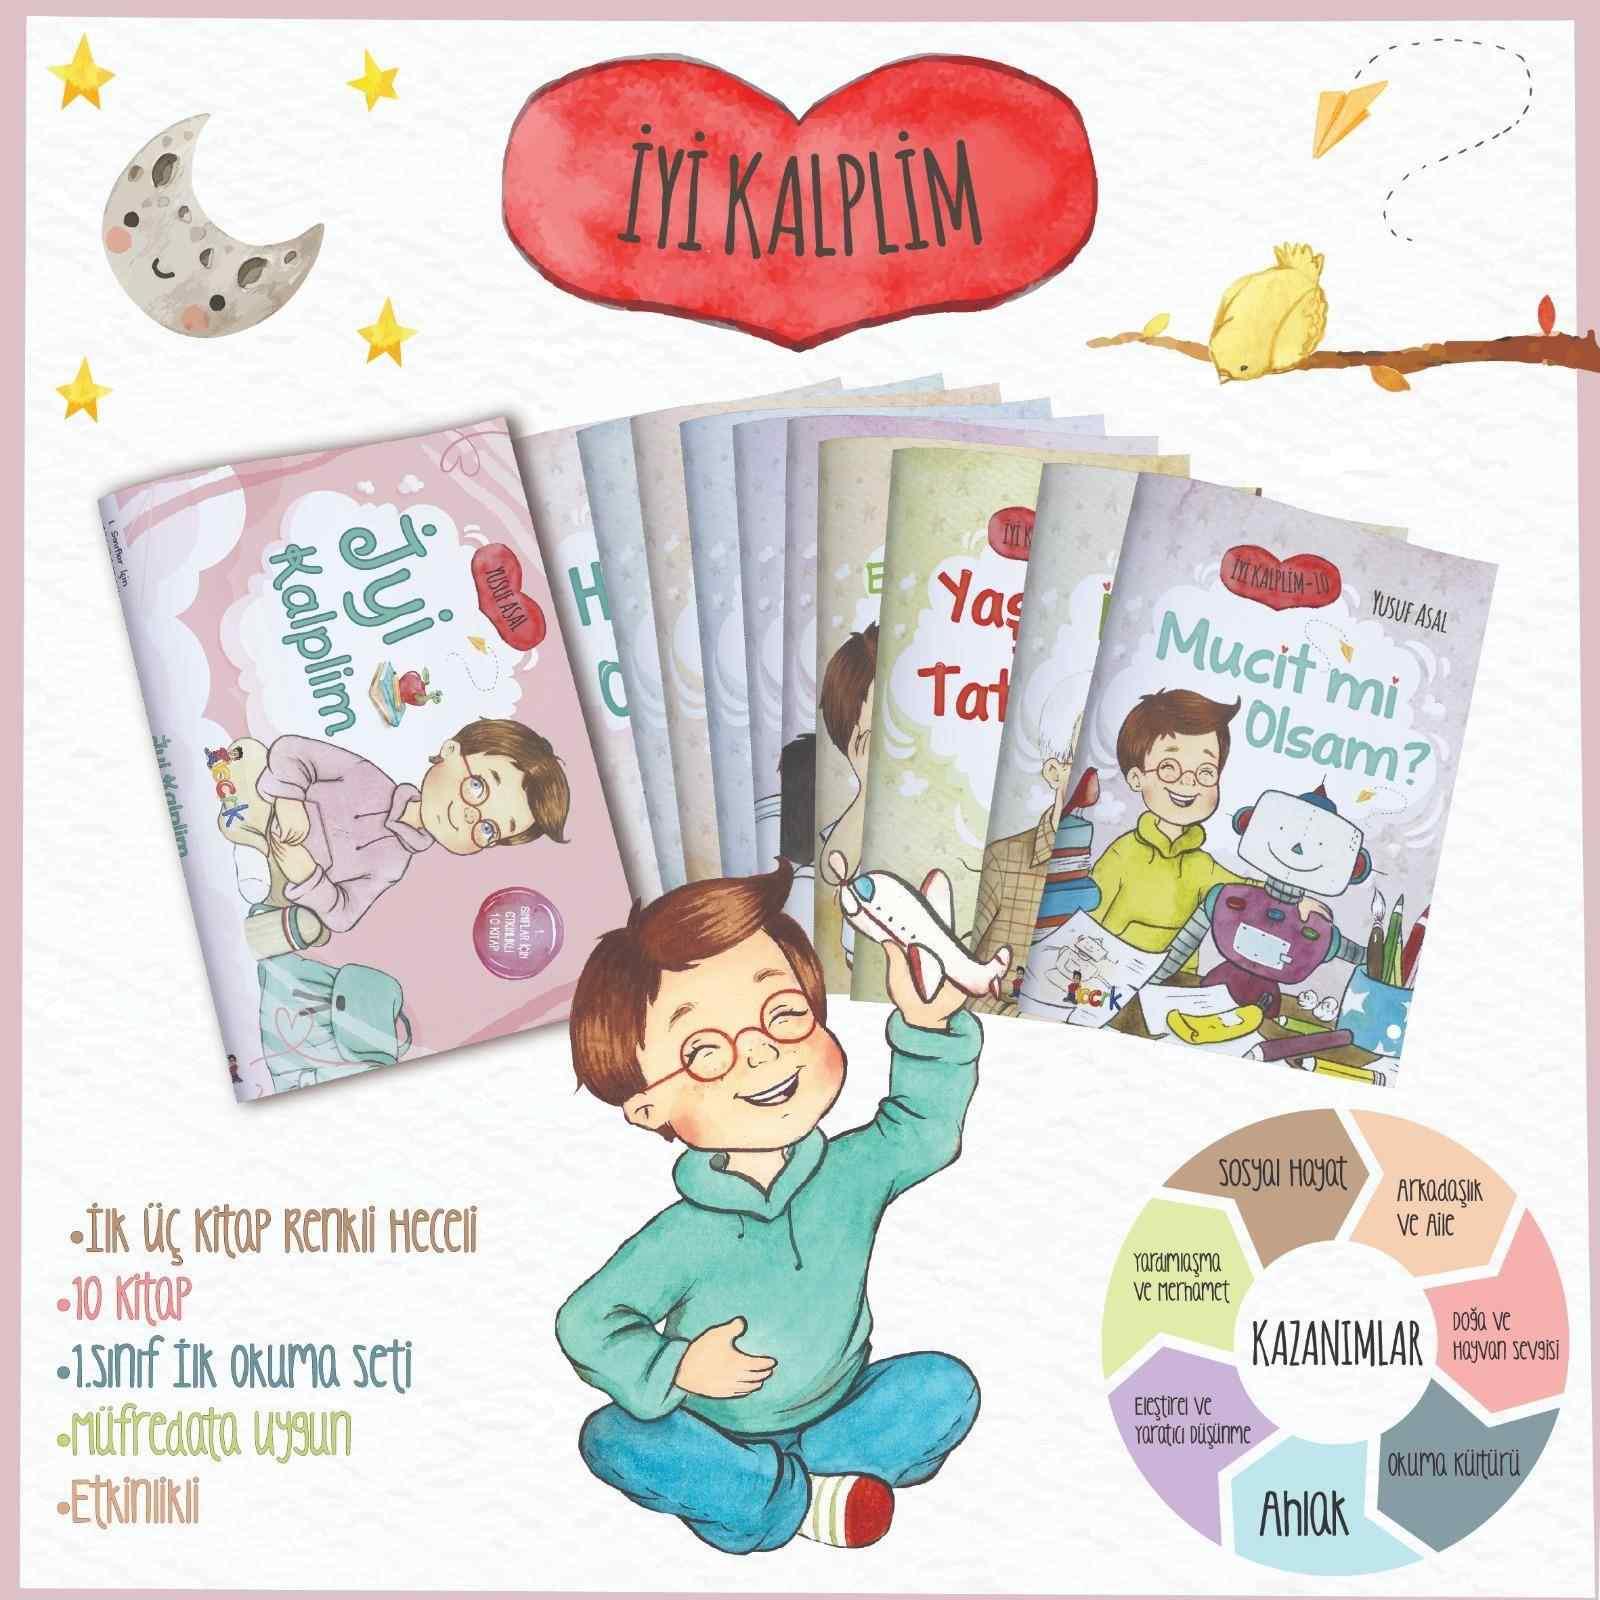 İyi Kalplim 10 kitap 1.sınıflar için